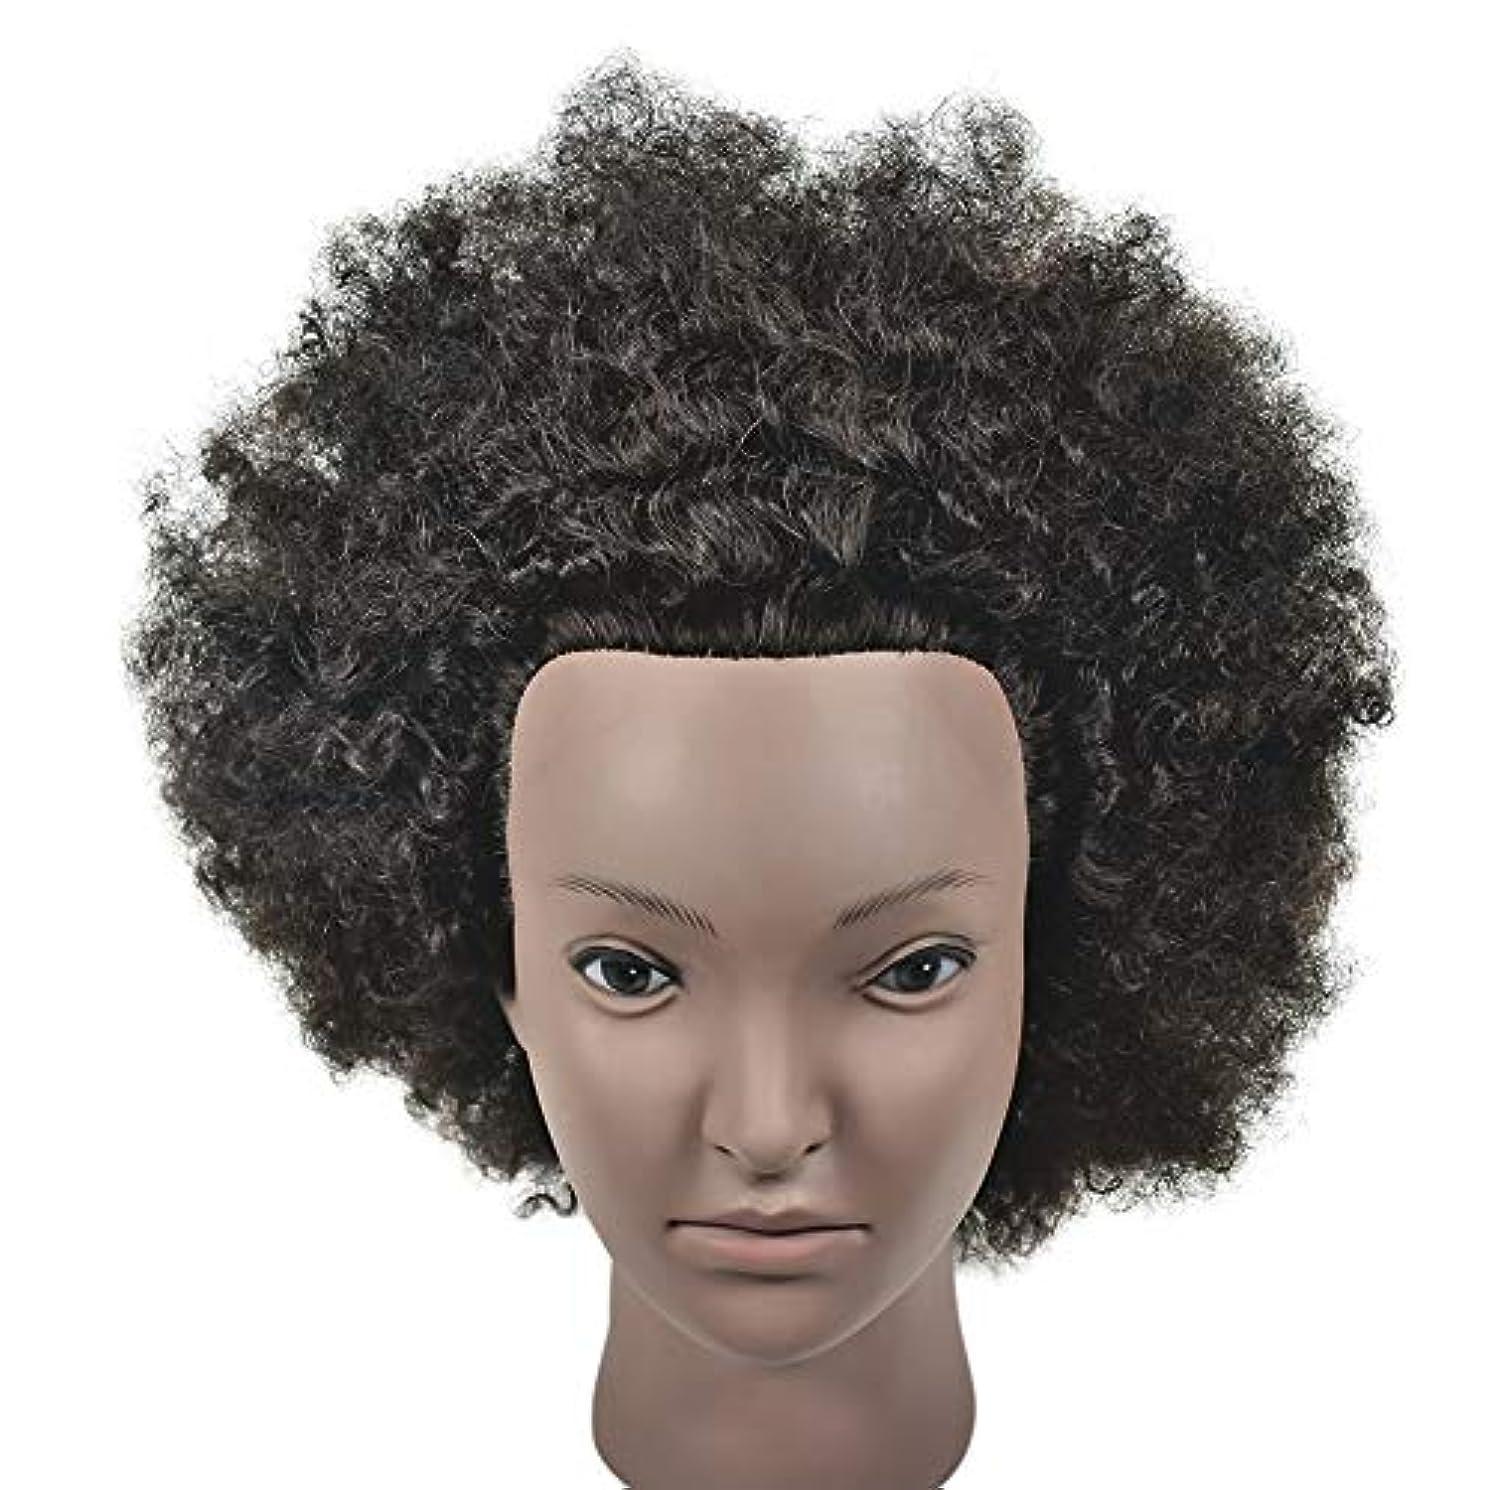 パット病理髪店トリミングヘアエクササイズヘッドモールドメイクモデリング学習マネキンダミー爆発ヘッドブラック